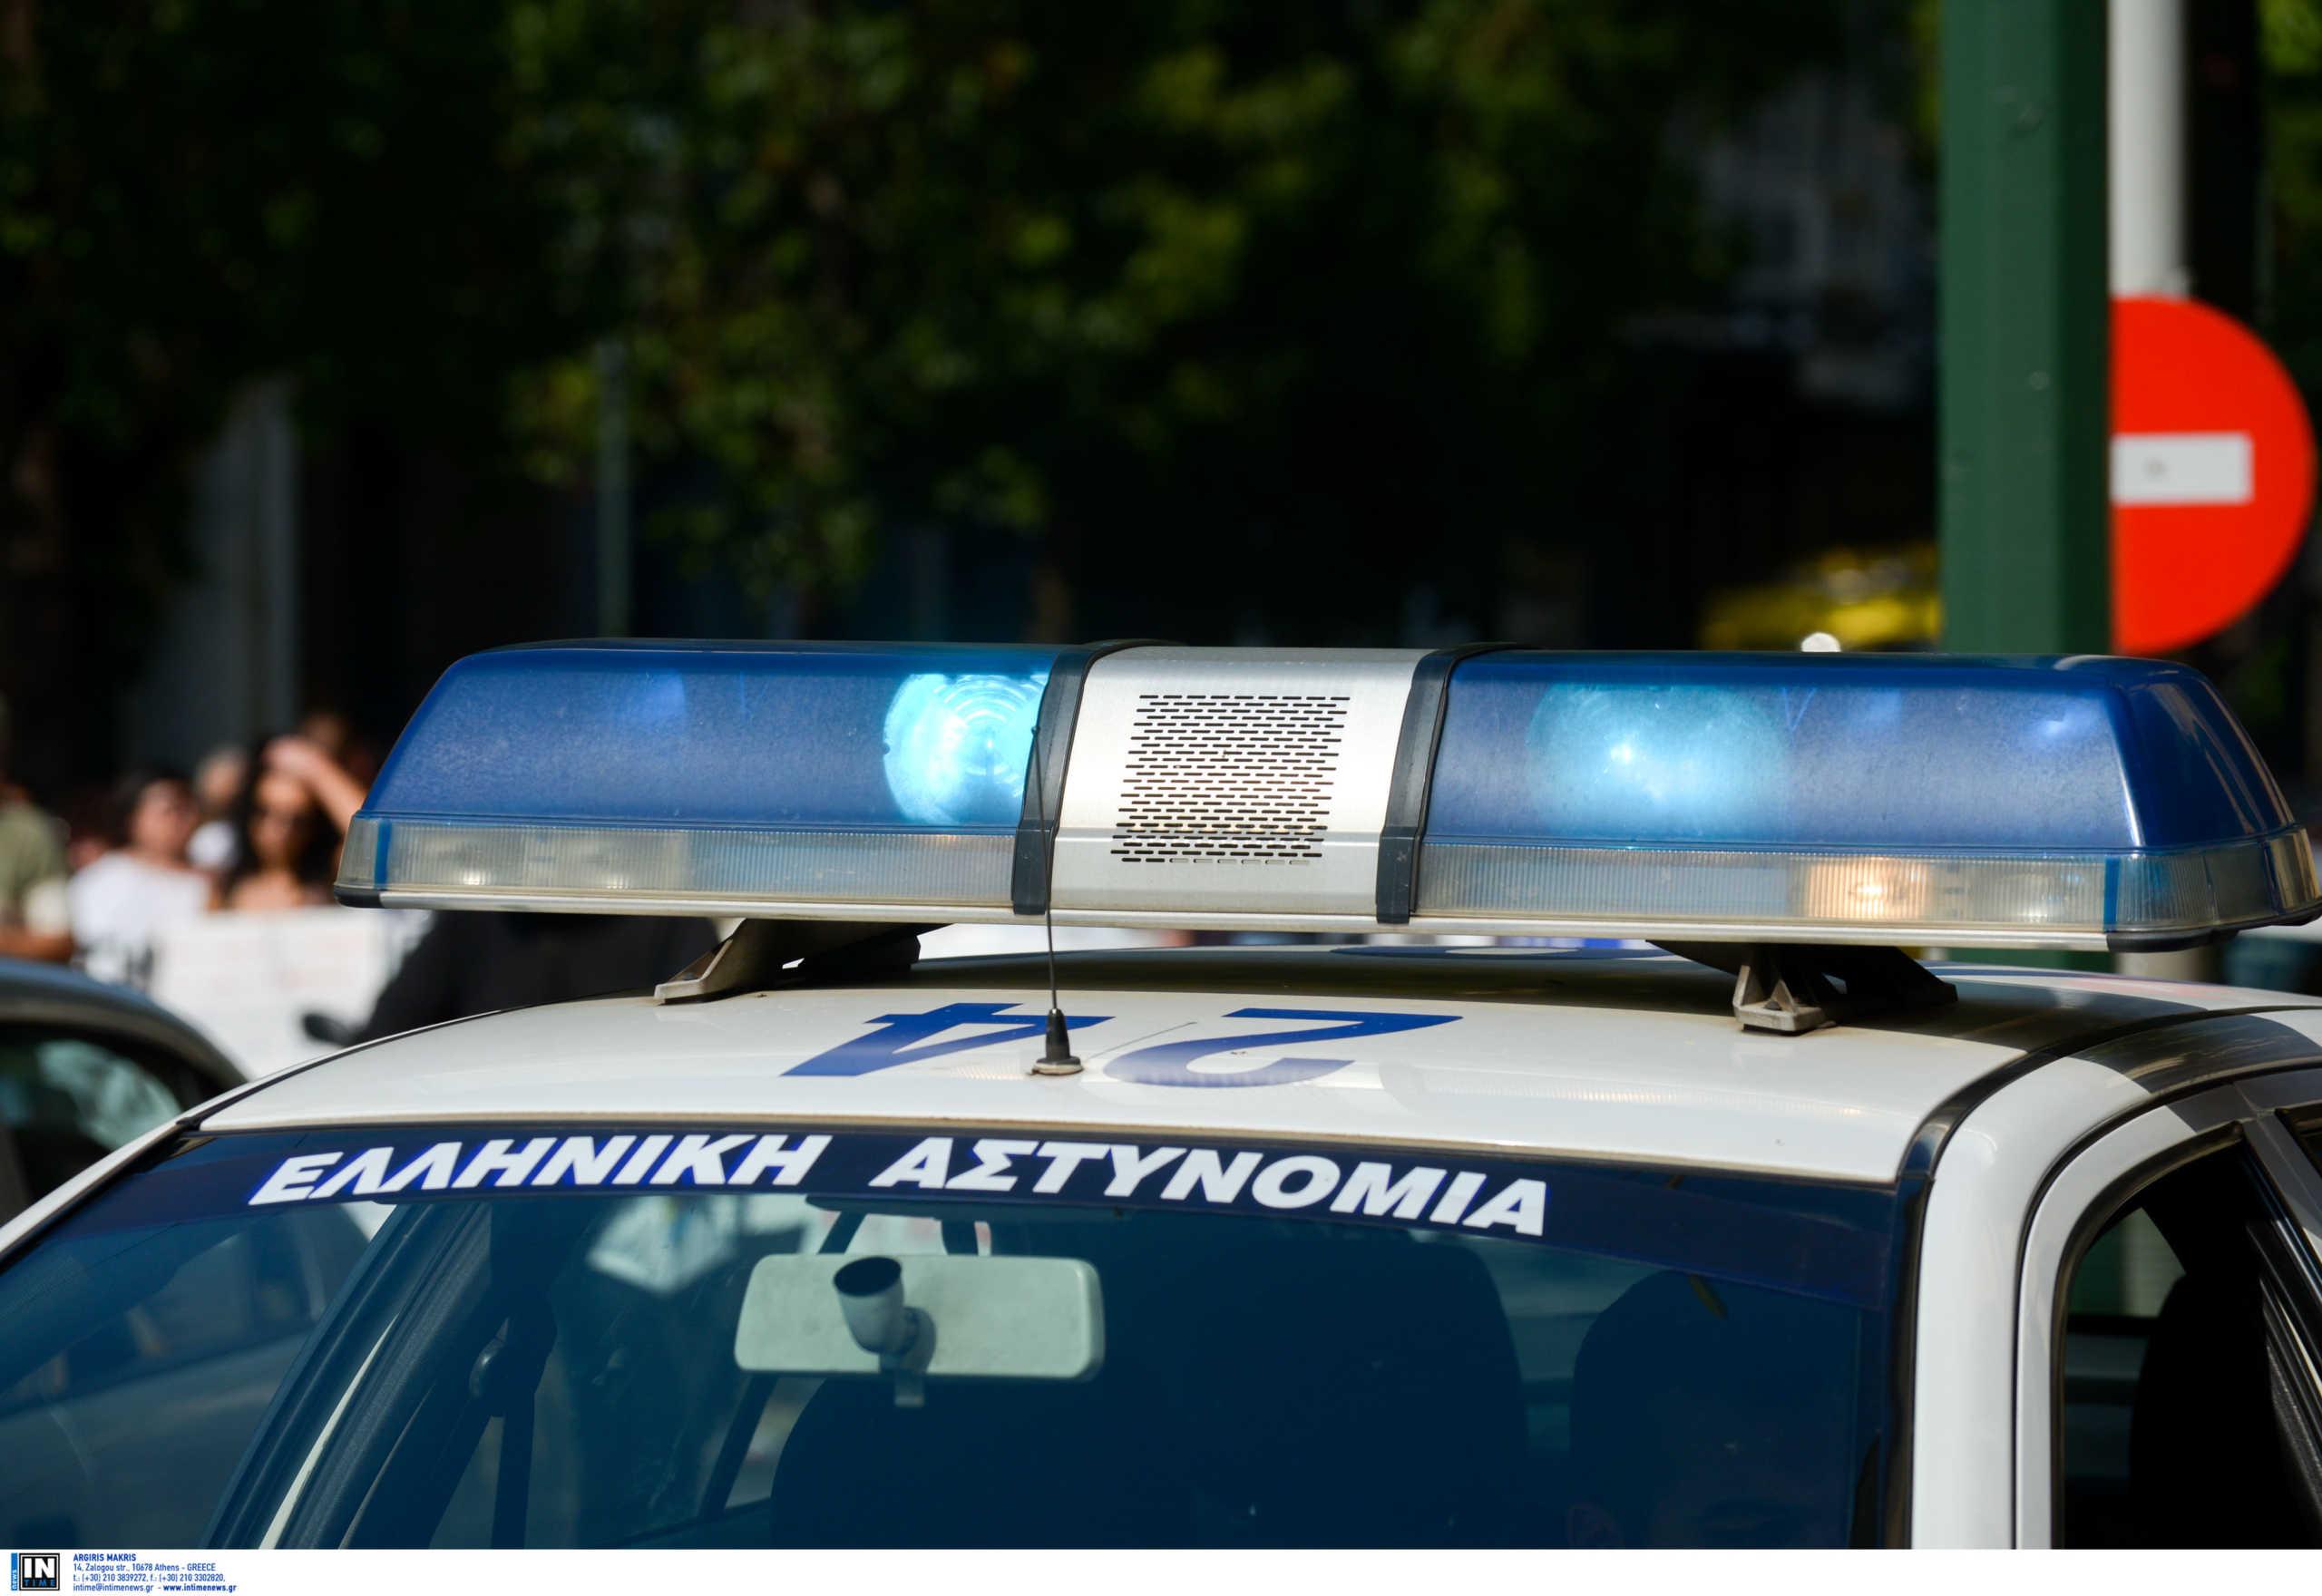 Σκότωσε με κλωτσιές 65χρονο για 130 ευρώ: Φως στο έγκλημα στην Αρτέμιδα